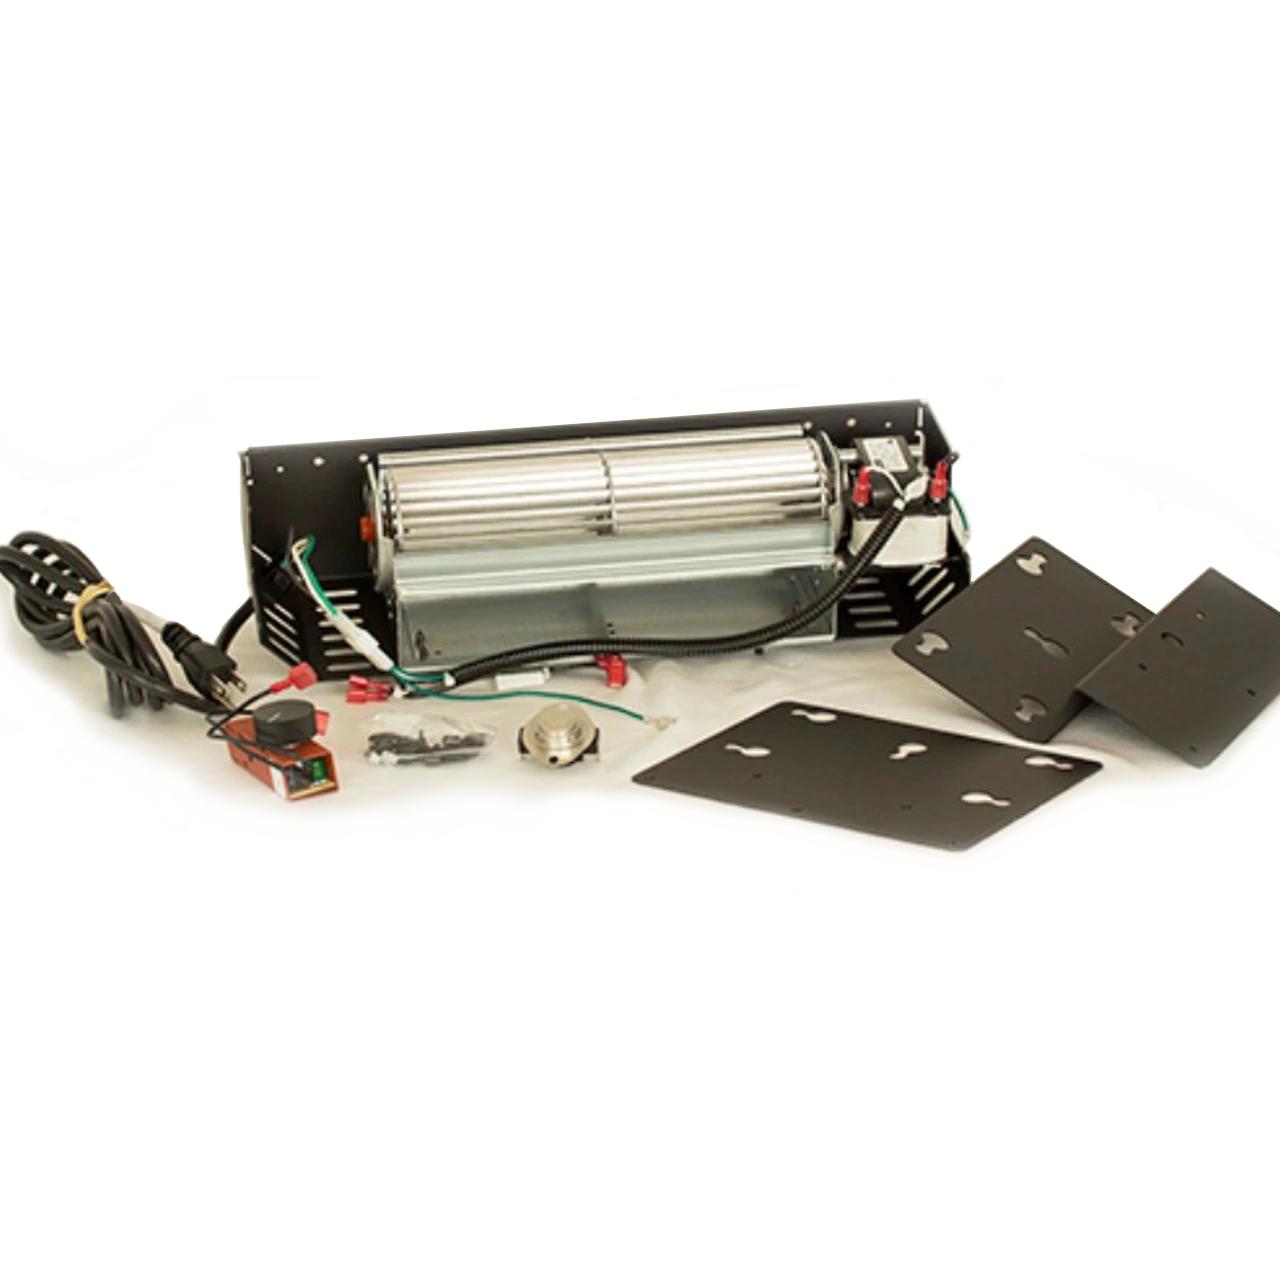 99000195 Lopi MilliVolt Gas Stove Blower Kit